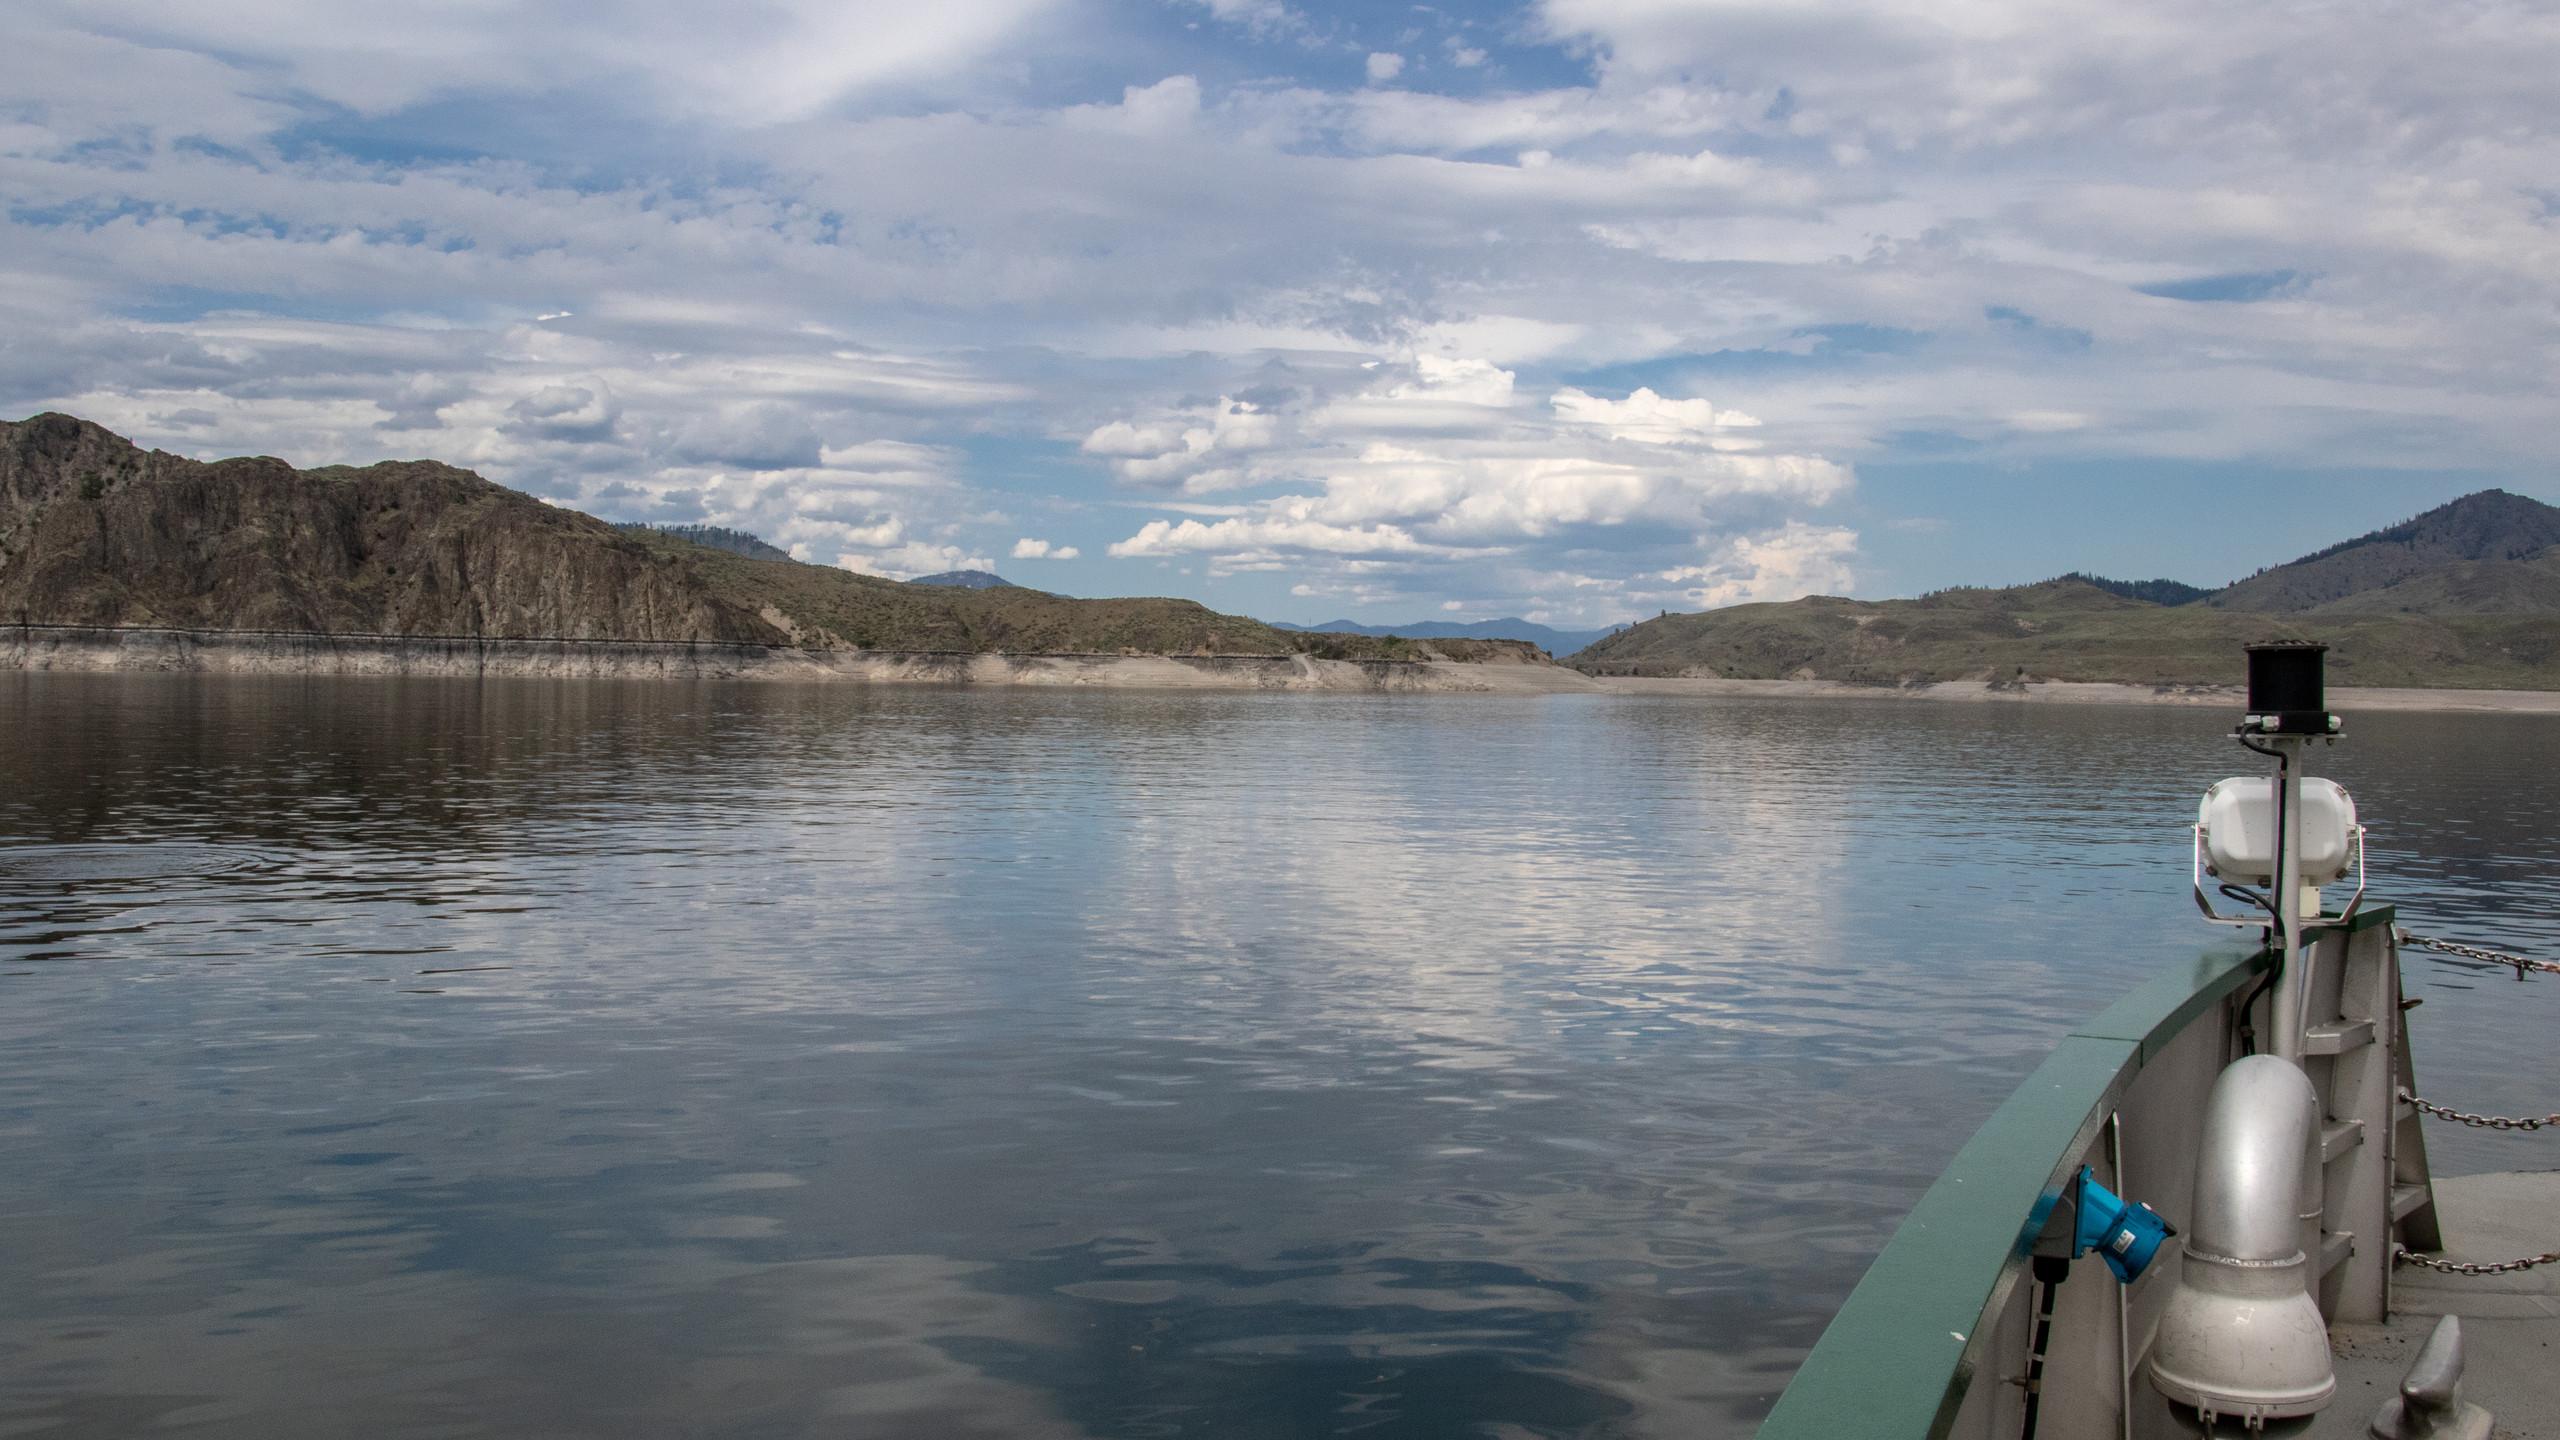 Onboard Keller Ferry